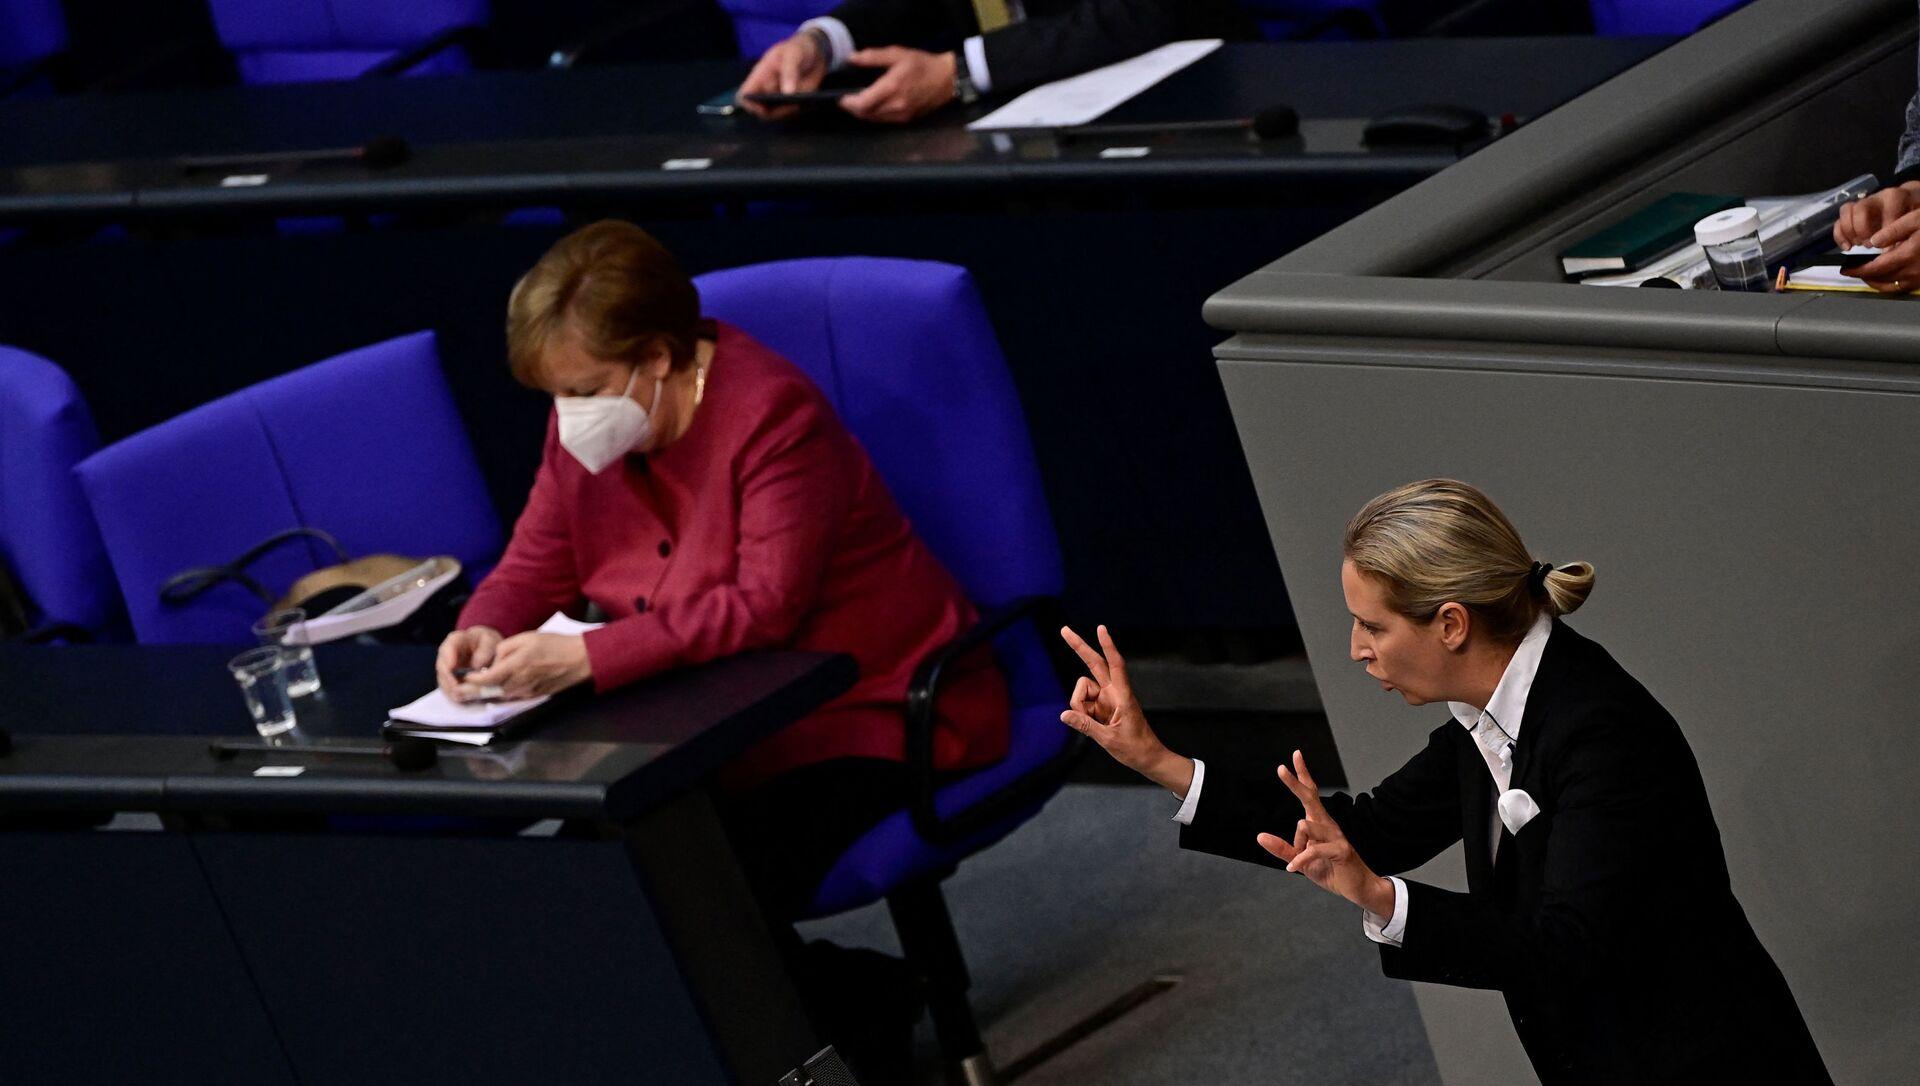 Ангела Меркел гледа у мобилни телефон за време говора Алис Вејдел из Алтернативе за Немачку у Бундестагу. - Sputnik Србија, 1920, 16.04.2021